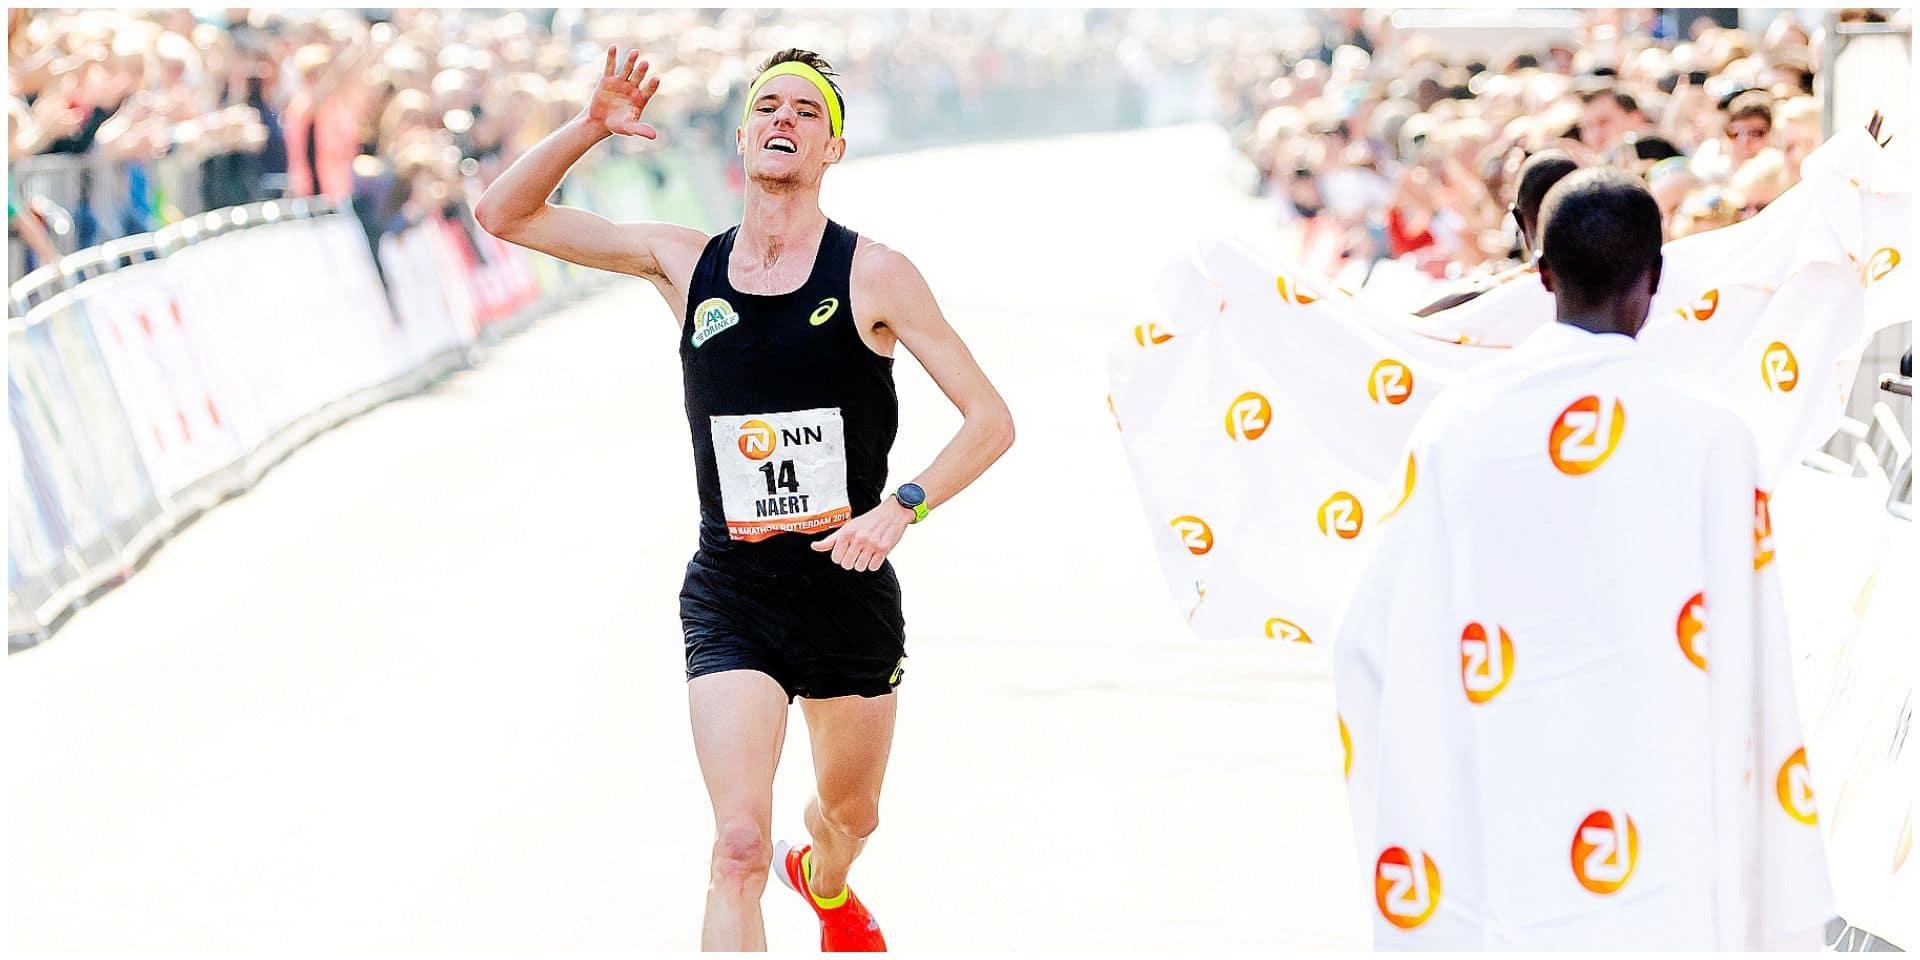 """Koen Naert a fait trembler le record national du marathon: """"J'ai osé y aller !"""""""